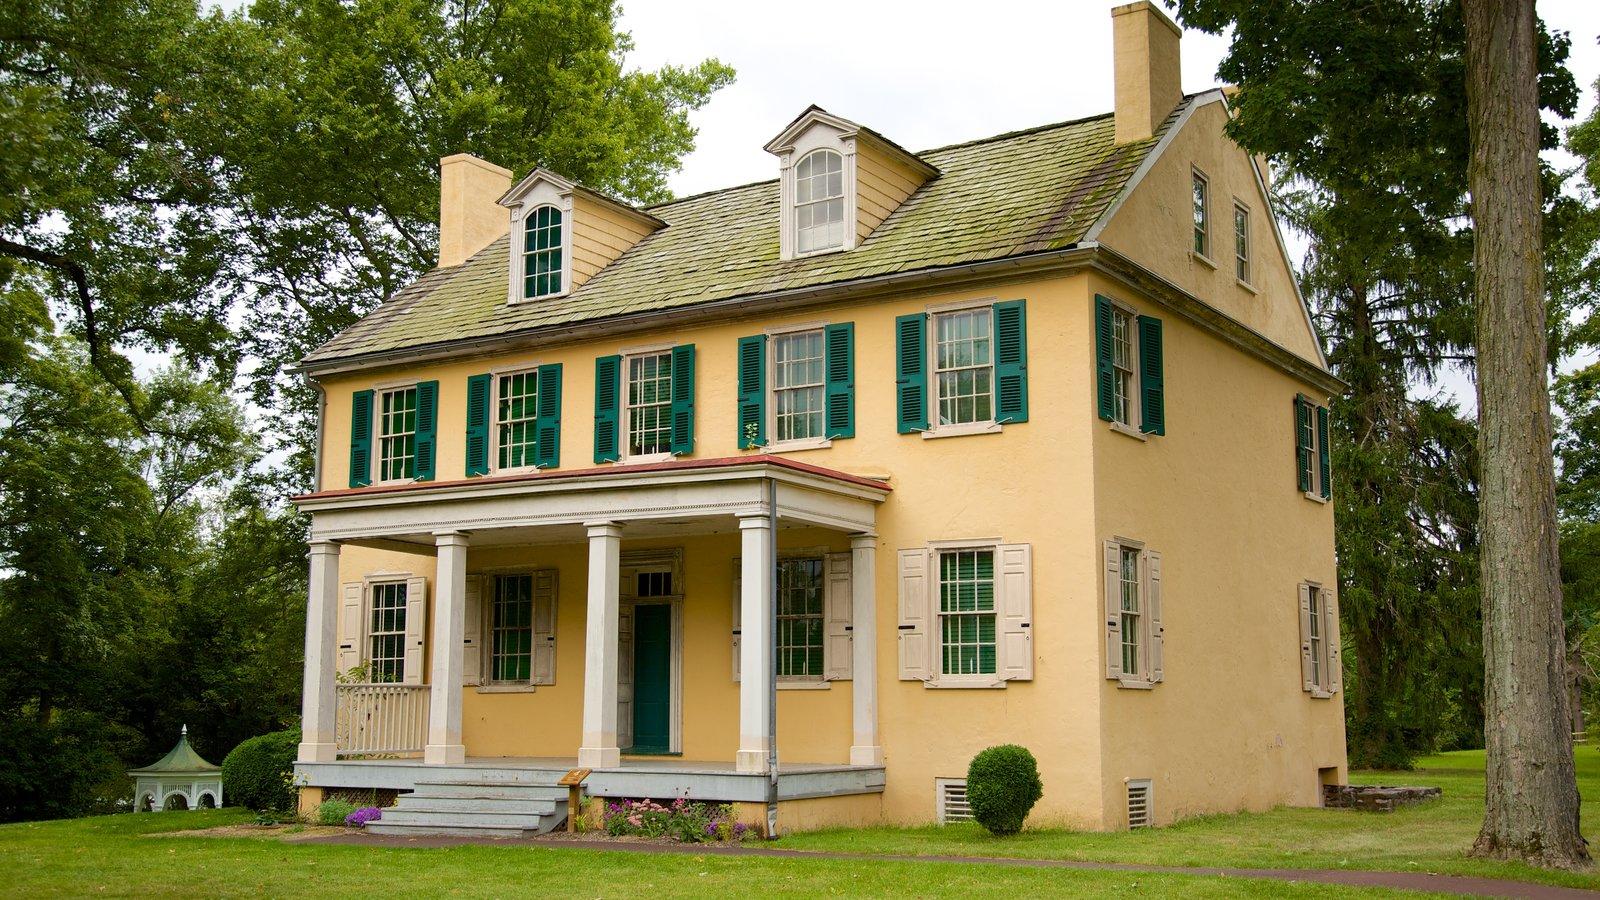 Washington Crossing mostrando patrimonio de arquitectura y una casa